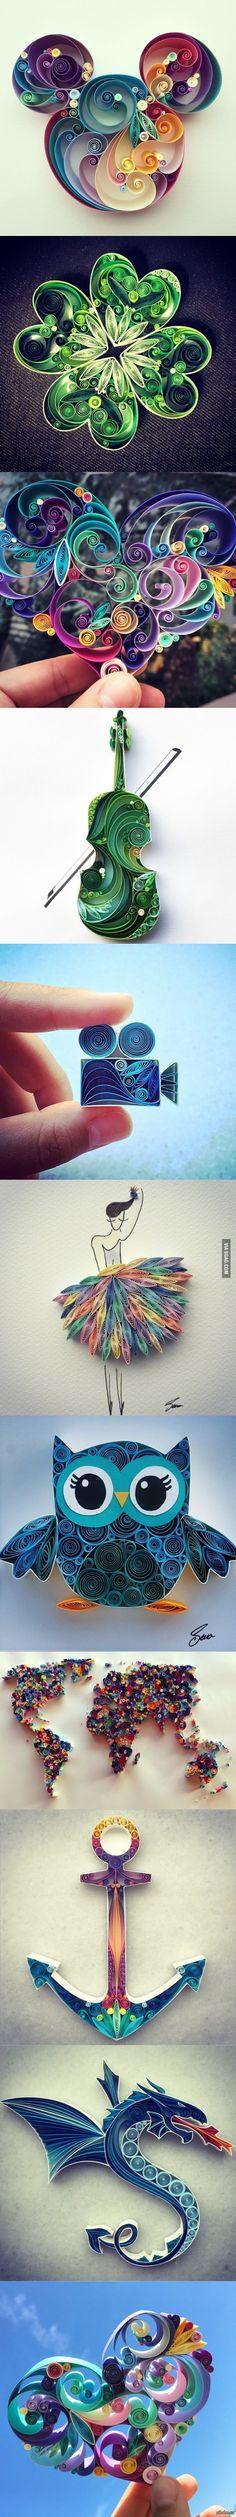 Турчанка бросила свою работу что бы заниматься бумажными поделками :) взято с 9gag